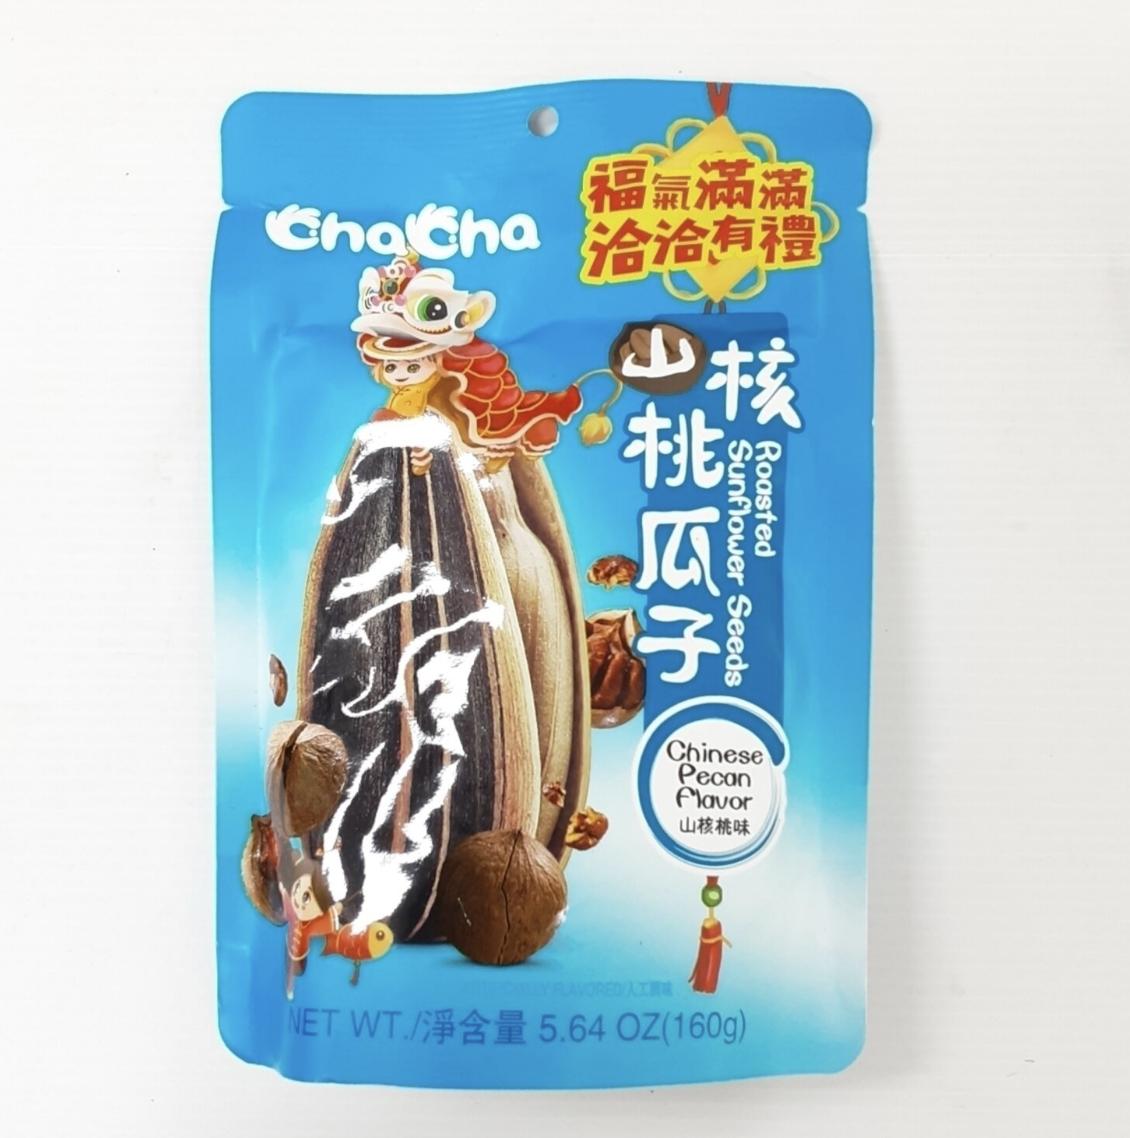 恰恰 山核桃瓜子 山核桃味 ~160g(5.65oz) CHACHA Roosted Sunflower Seeds Chinese Pecan Flavor 160g(5.65oz)